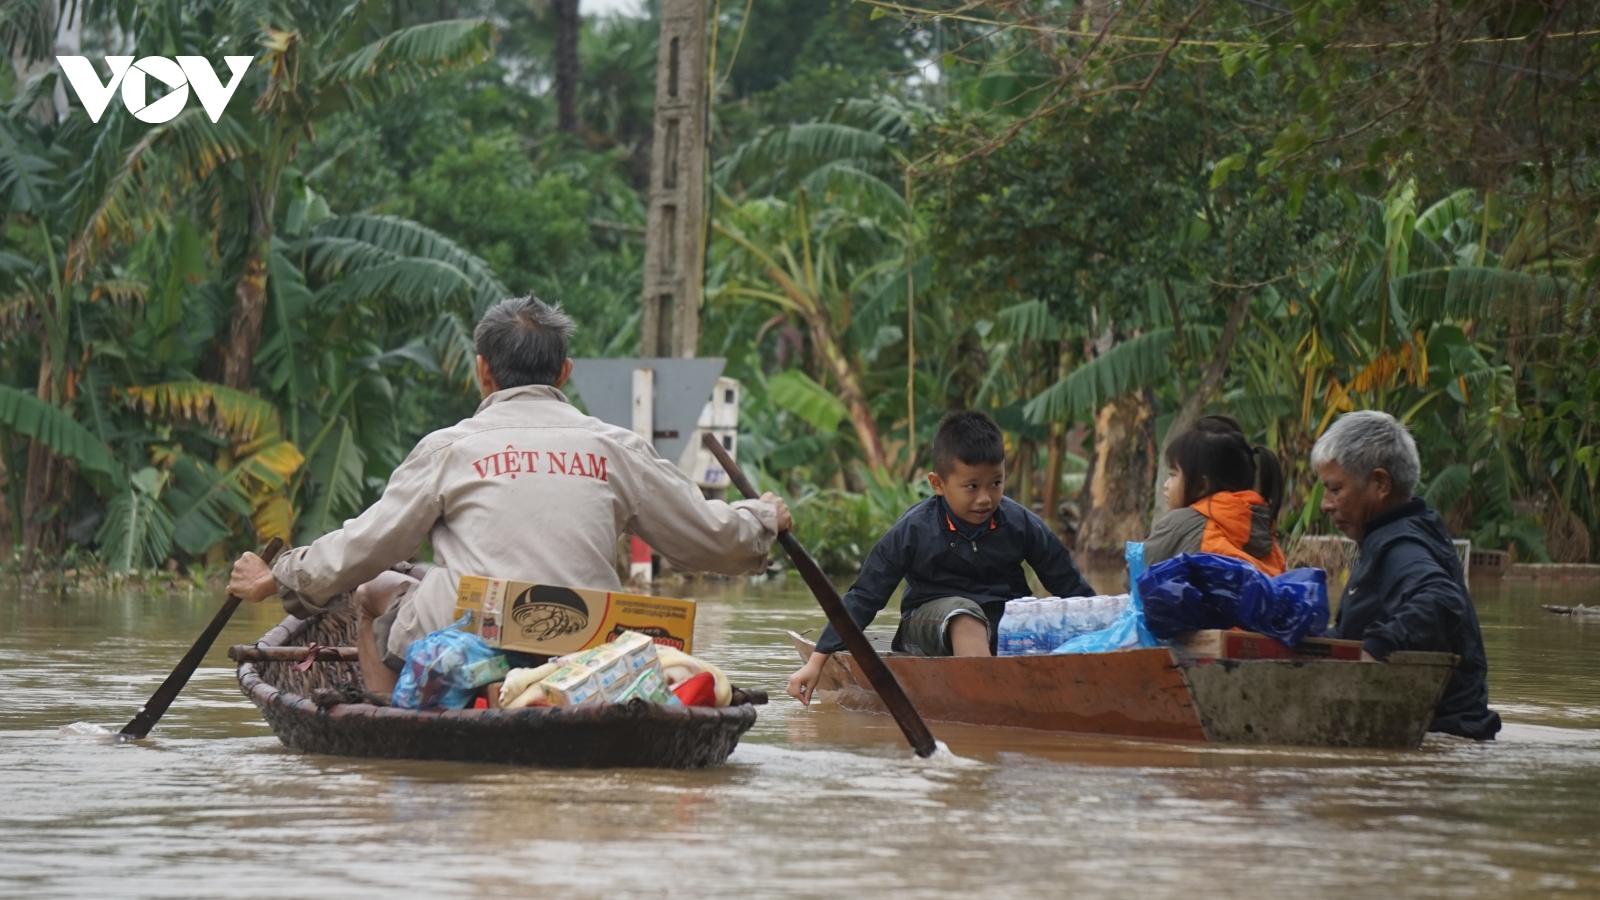 Nước rút dần ở vùng tâm lũ Hà Tĩnh, dân vẫn phải dùng thuyền để di chuyển